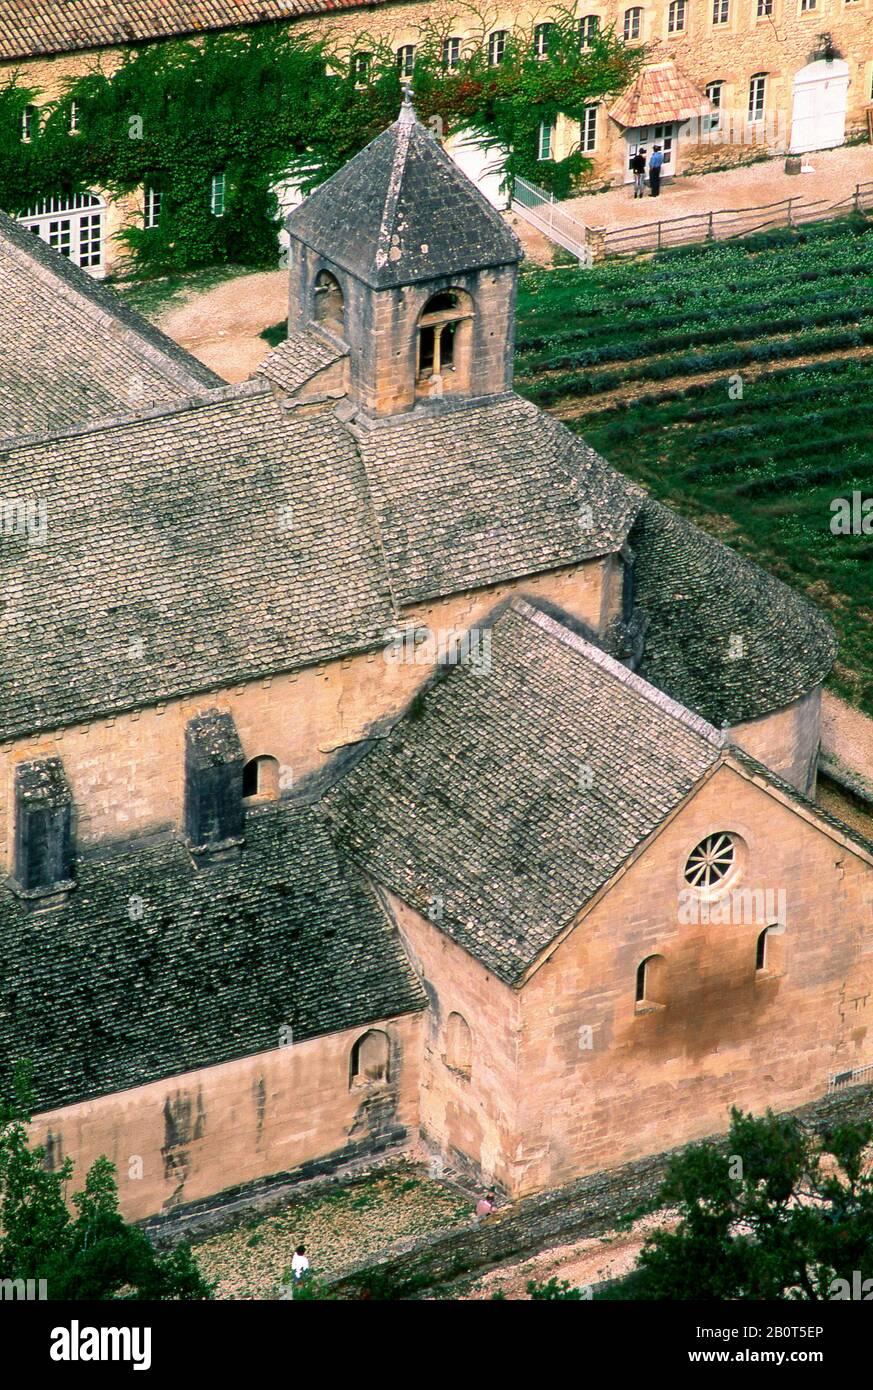 View of Cistercian abbey  Notre-Dame de Senanque, Vaucluse, Provence, Provence-Alpes-Côte d'Azur, France, Europe Stock Photo